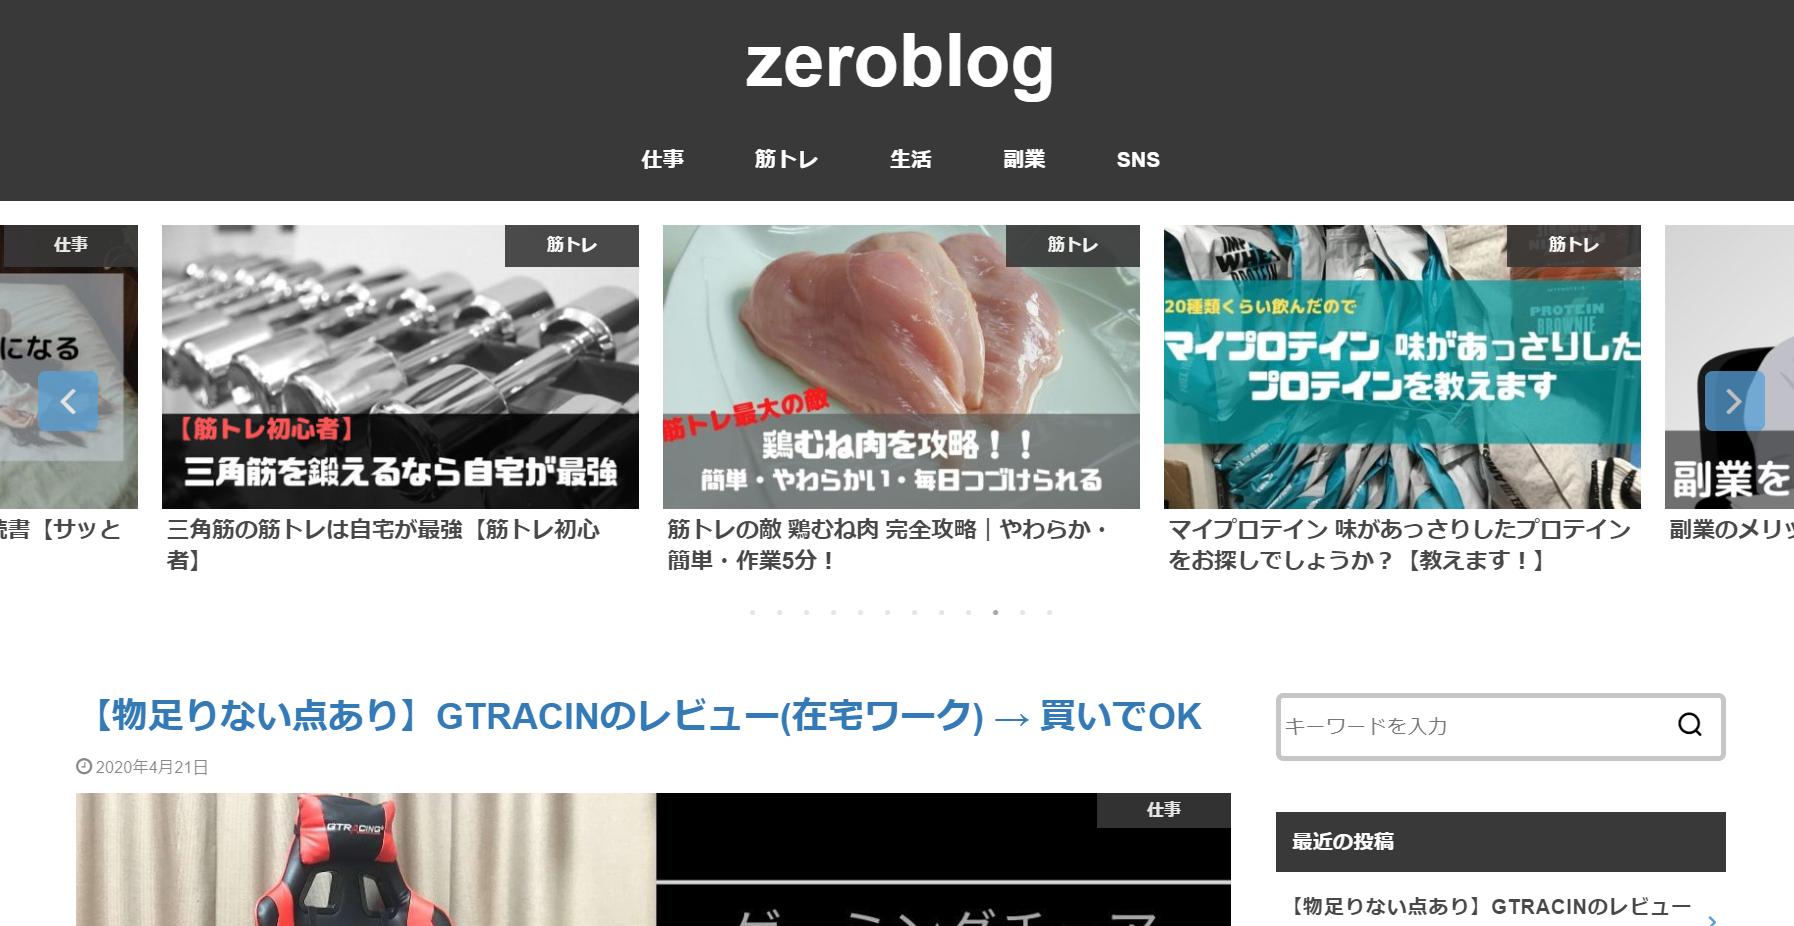 zeroblog